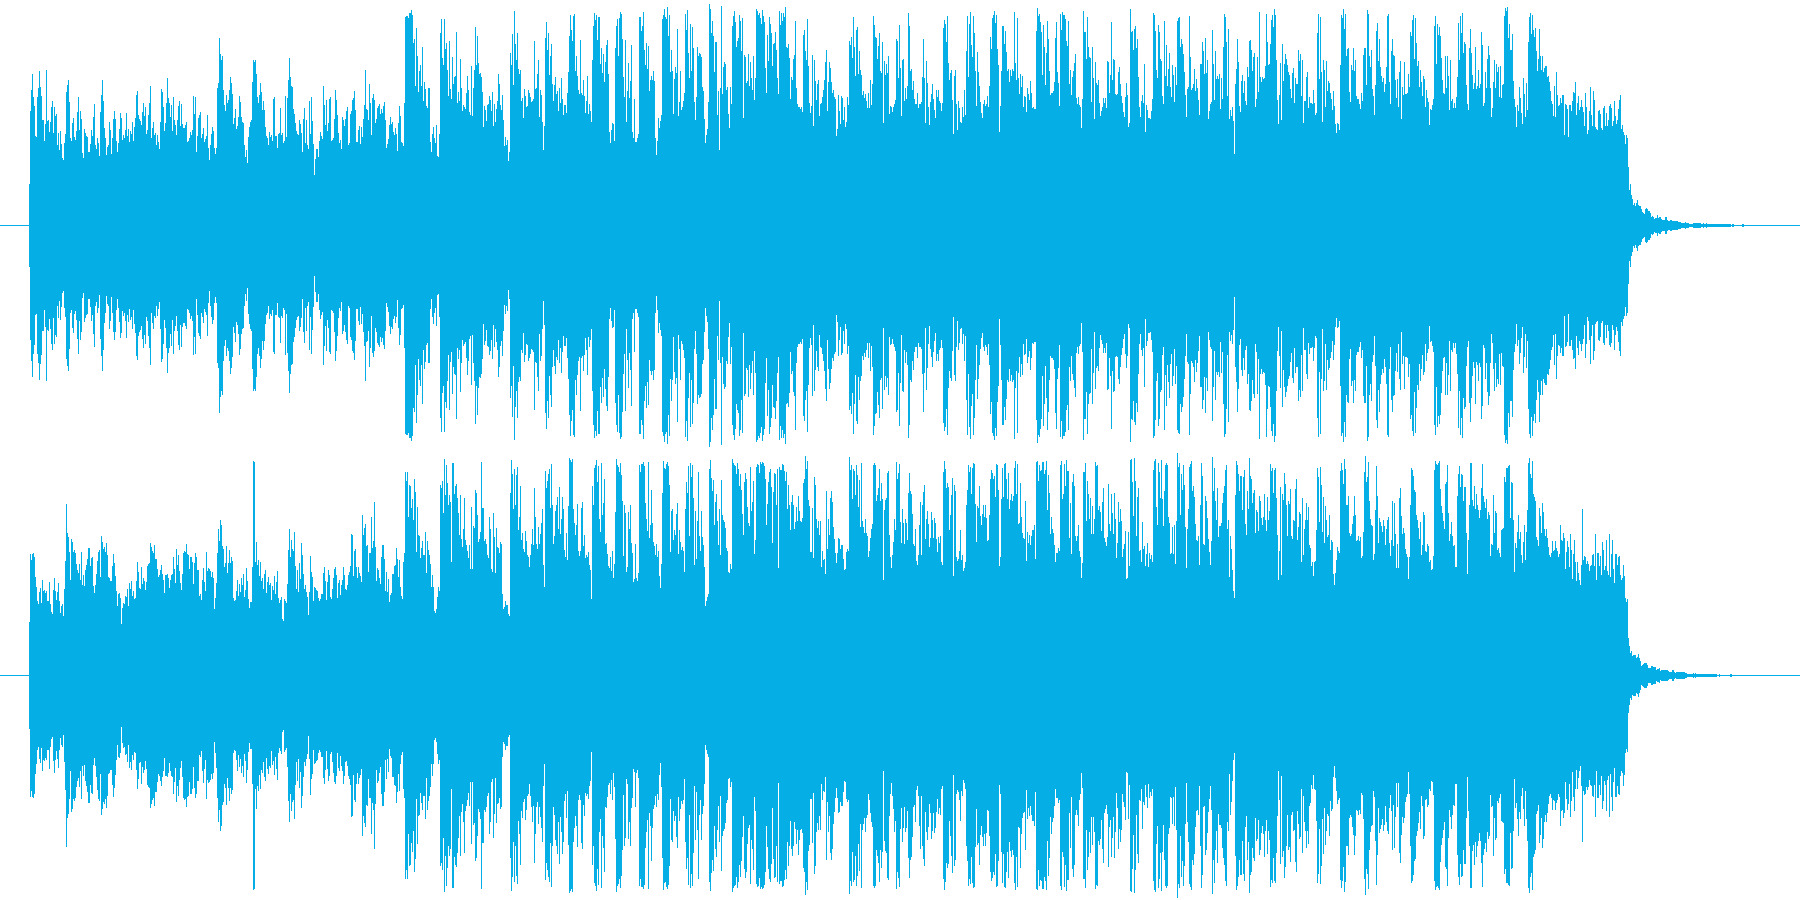 情景的かつ躍動的なキラキラ爽快BGM!の再生済みの波形